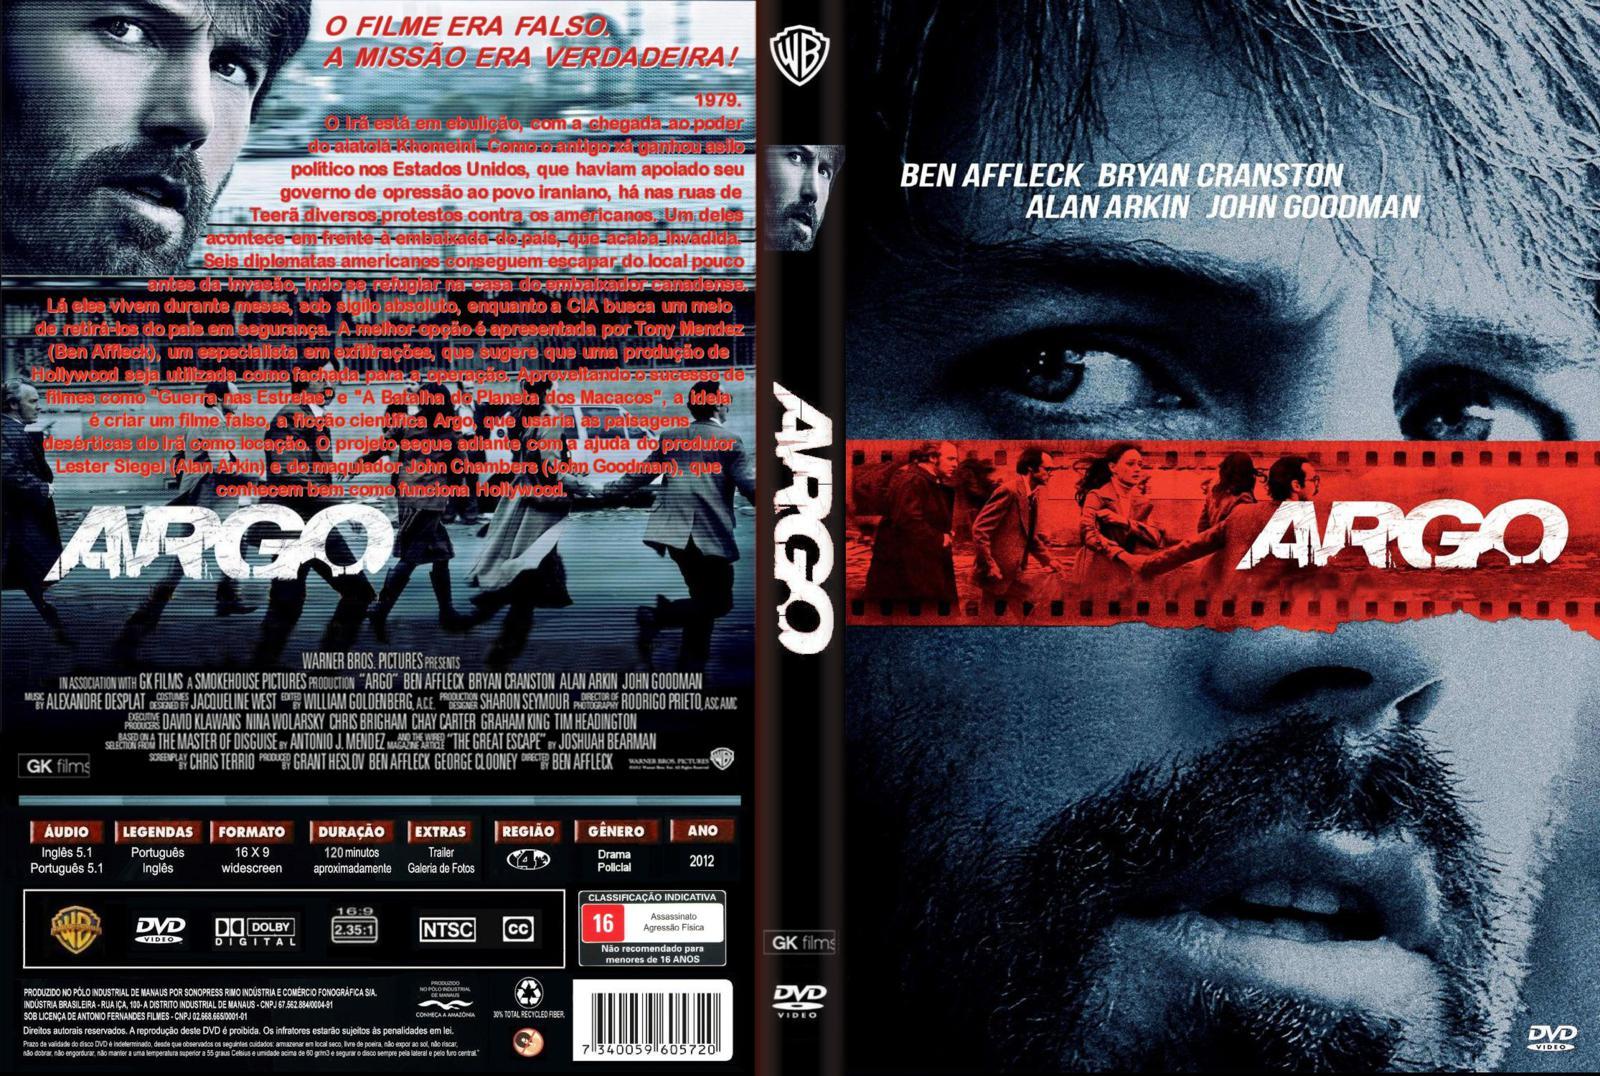 http://2.bp.blogspot.com/-rJlJ1-ShbIs/URmdUiE3-AI/AAAAAAAALsU/R4WdC5QMviw/s1600/capa+dvd+www.gamecover.com.br+(8).jpg